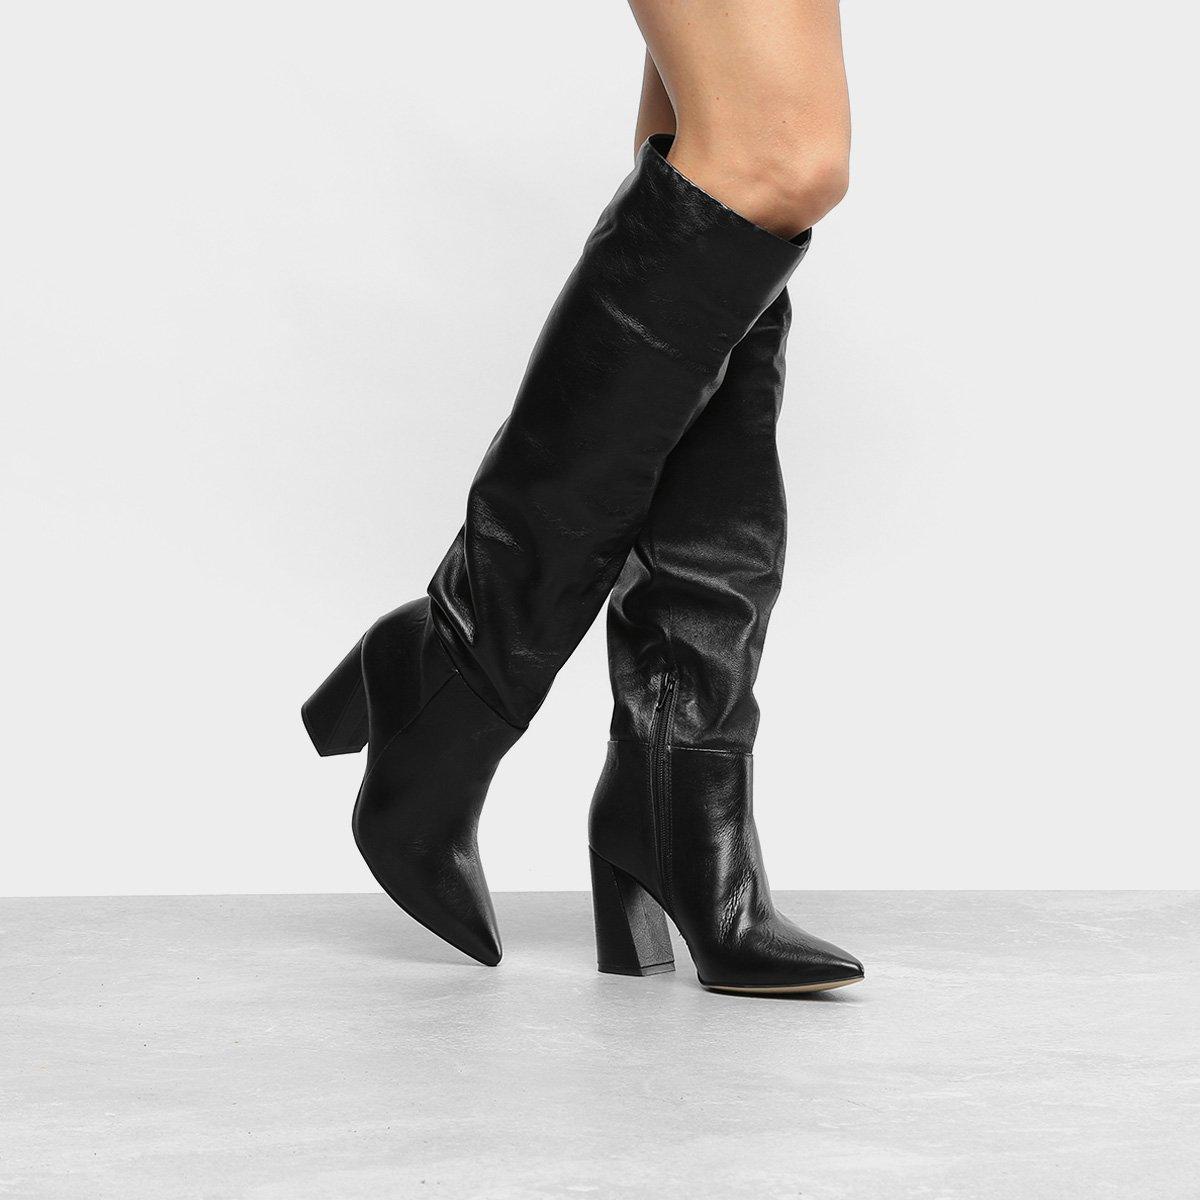 5b83e6ac23 Bota Couro Over The Knee Dumond Slouch Feminina - Preto - Compre ...